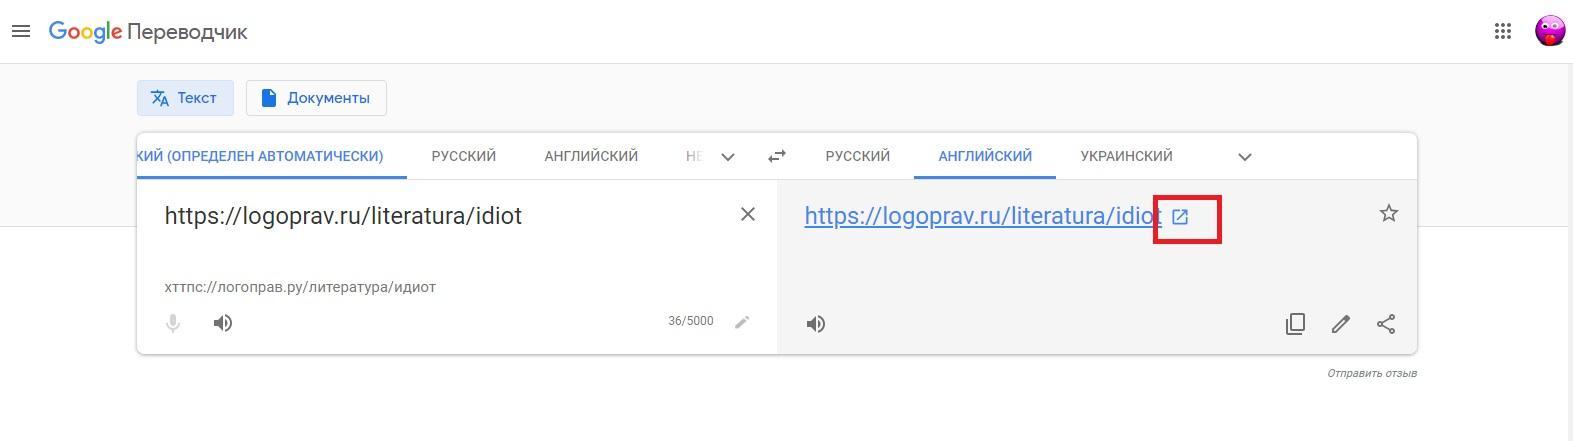 Гугл Переводчик 7